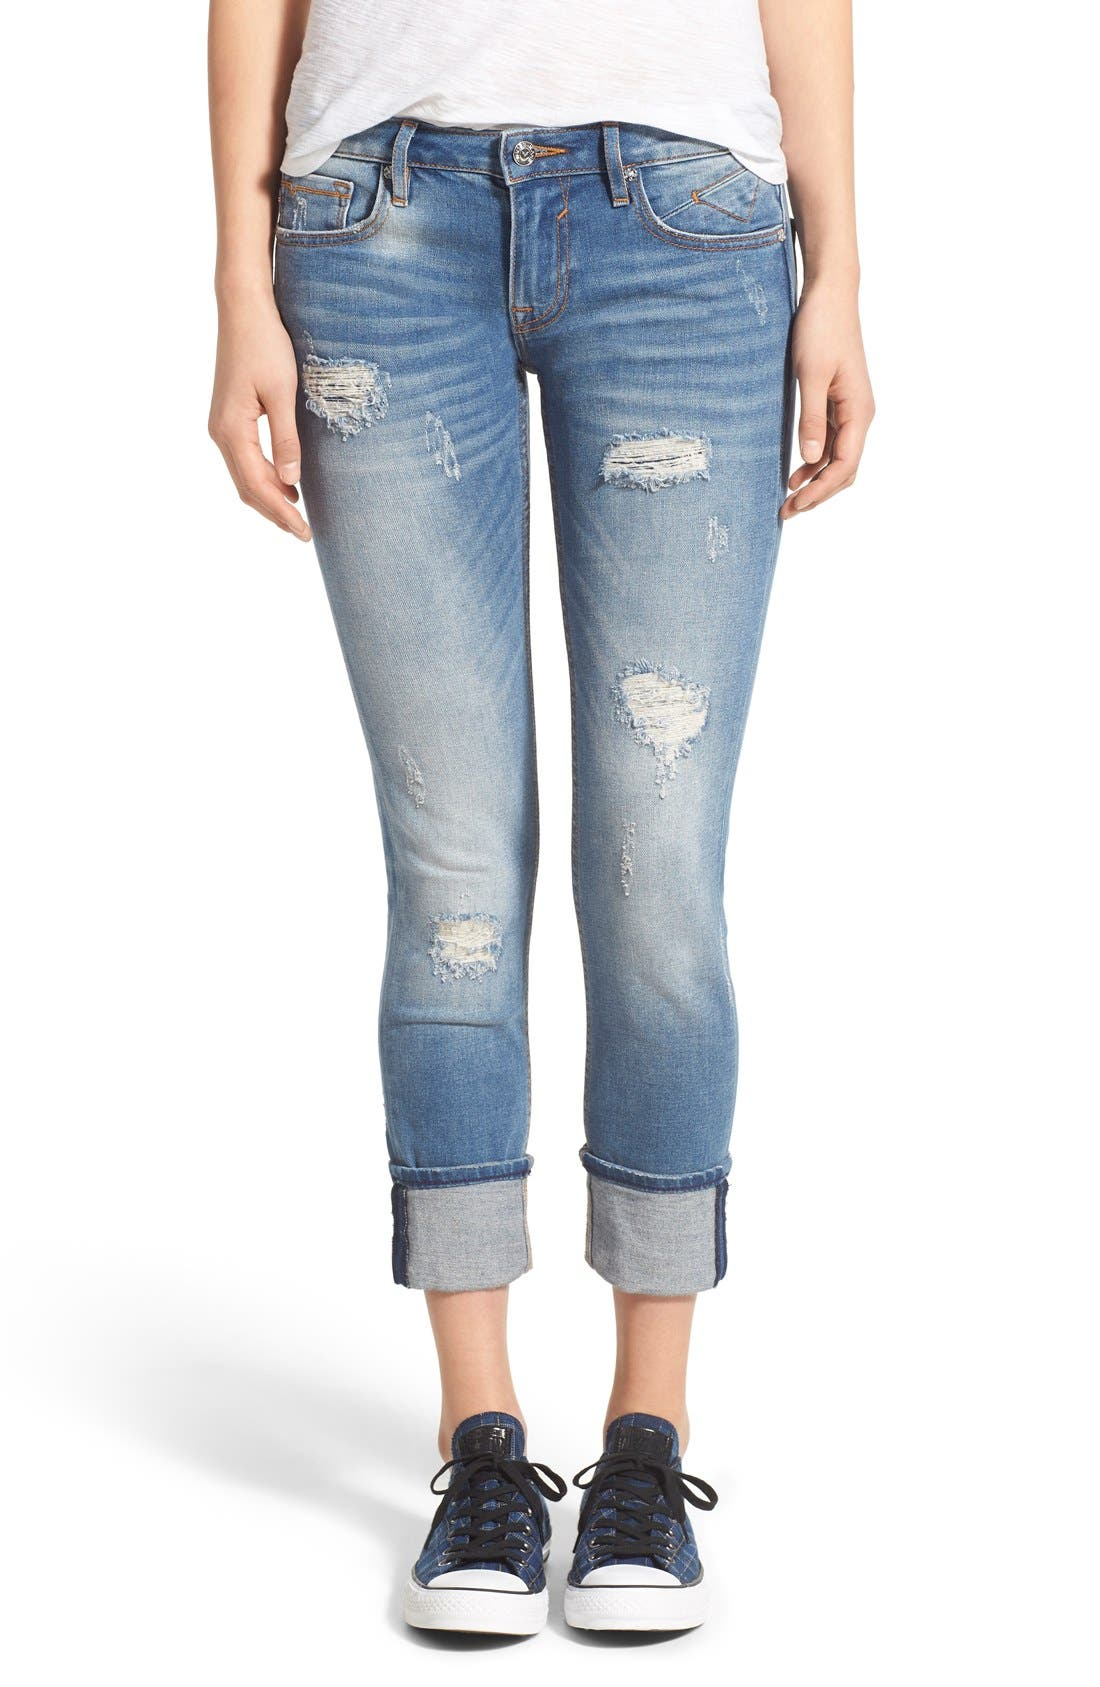 Alternate Image 1 Selected - Vigoss 'Tompson' Easy Skinny Jeans